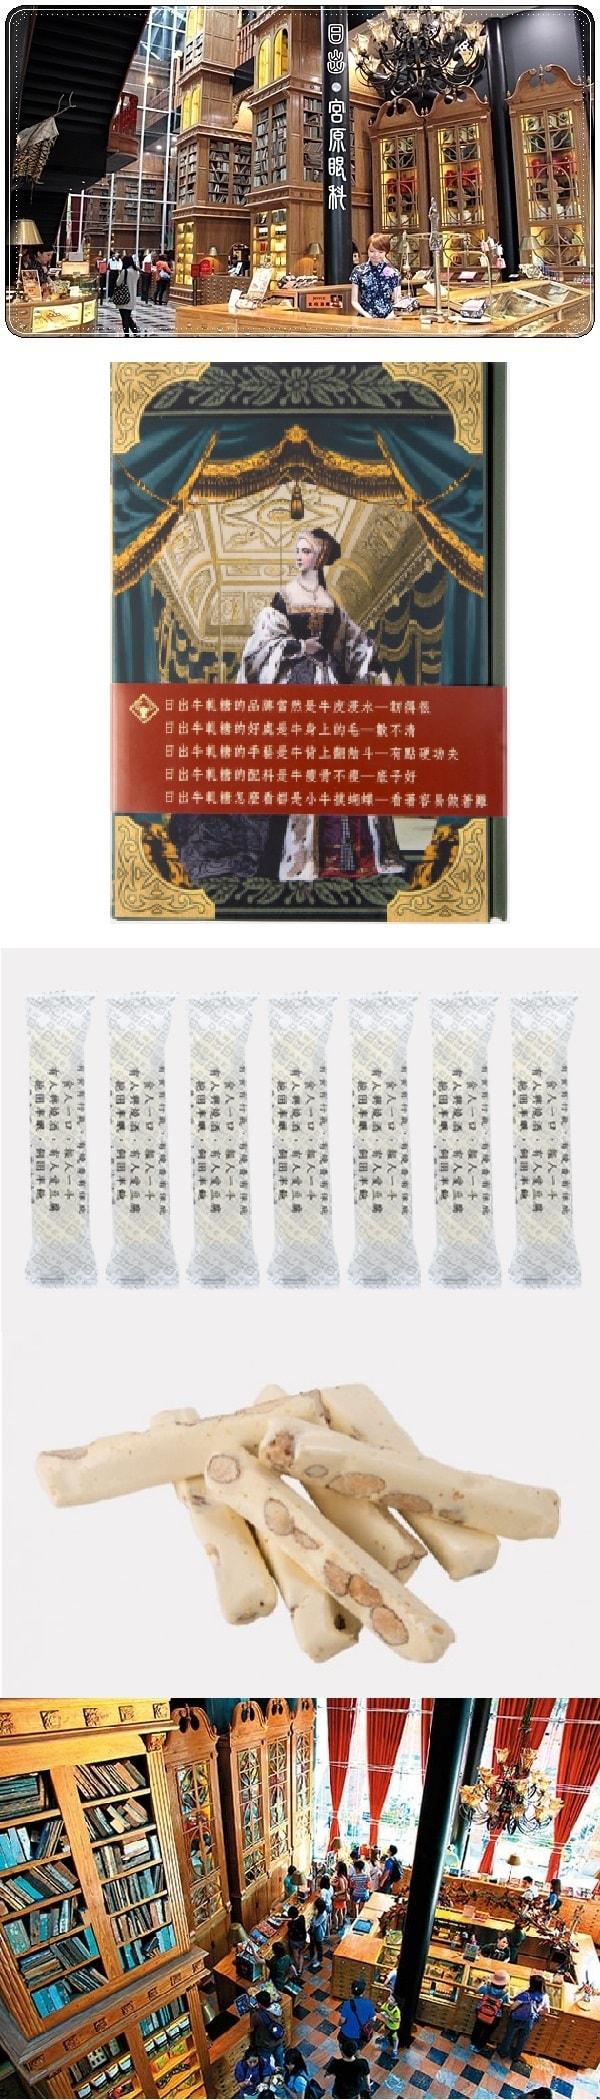 [台湾直邮] 日出 台中宫原眼科 伯爵茶牛轧糖书本装-16句 304g